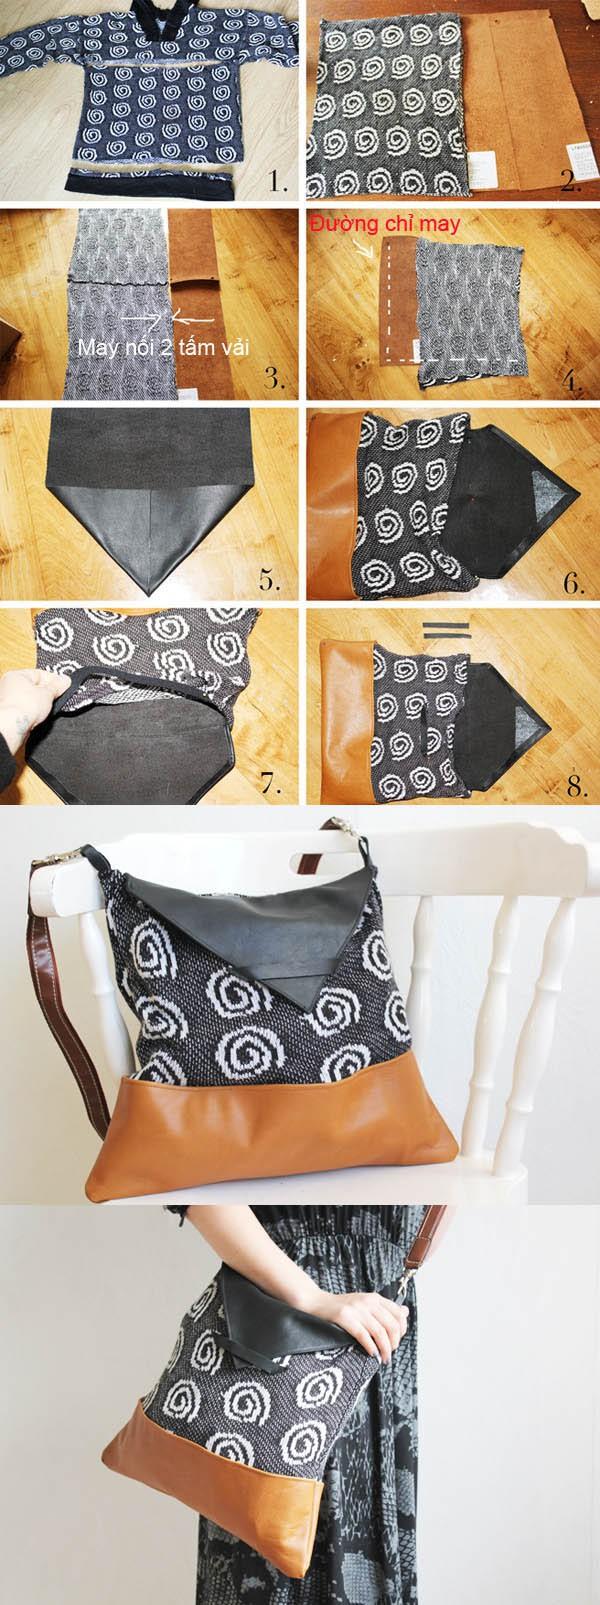 Túi xách tiện dụng được chế từ đồ cũ 1